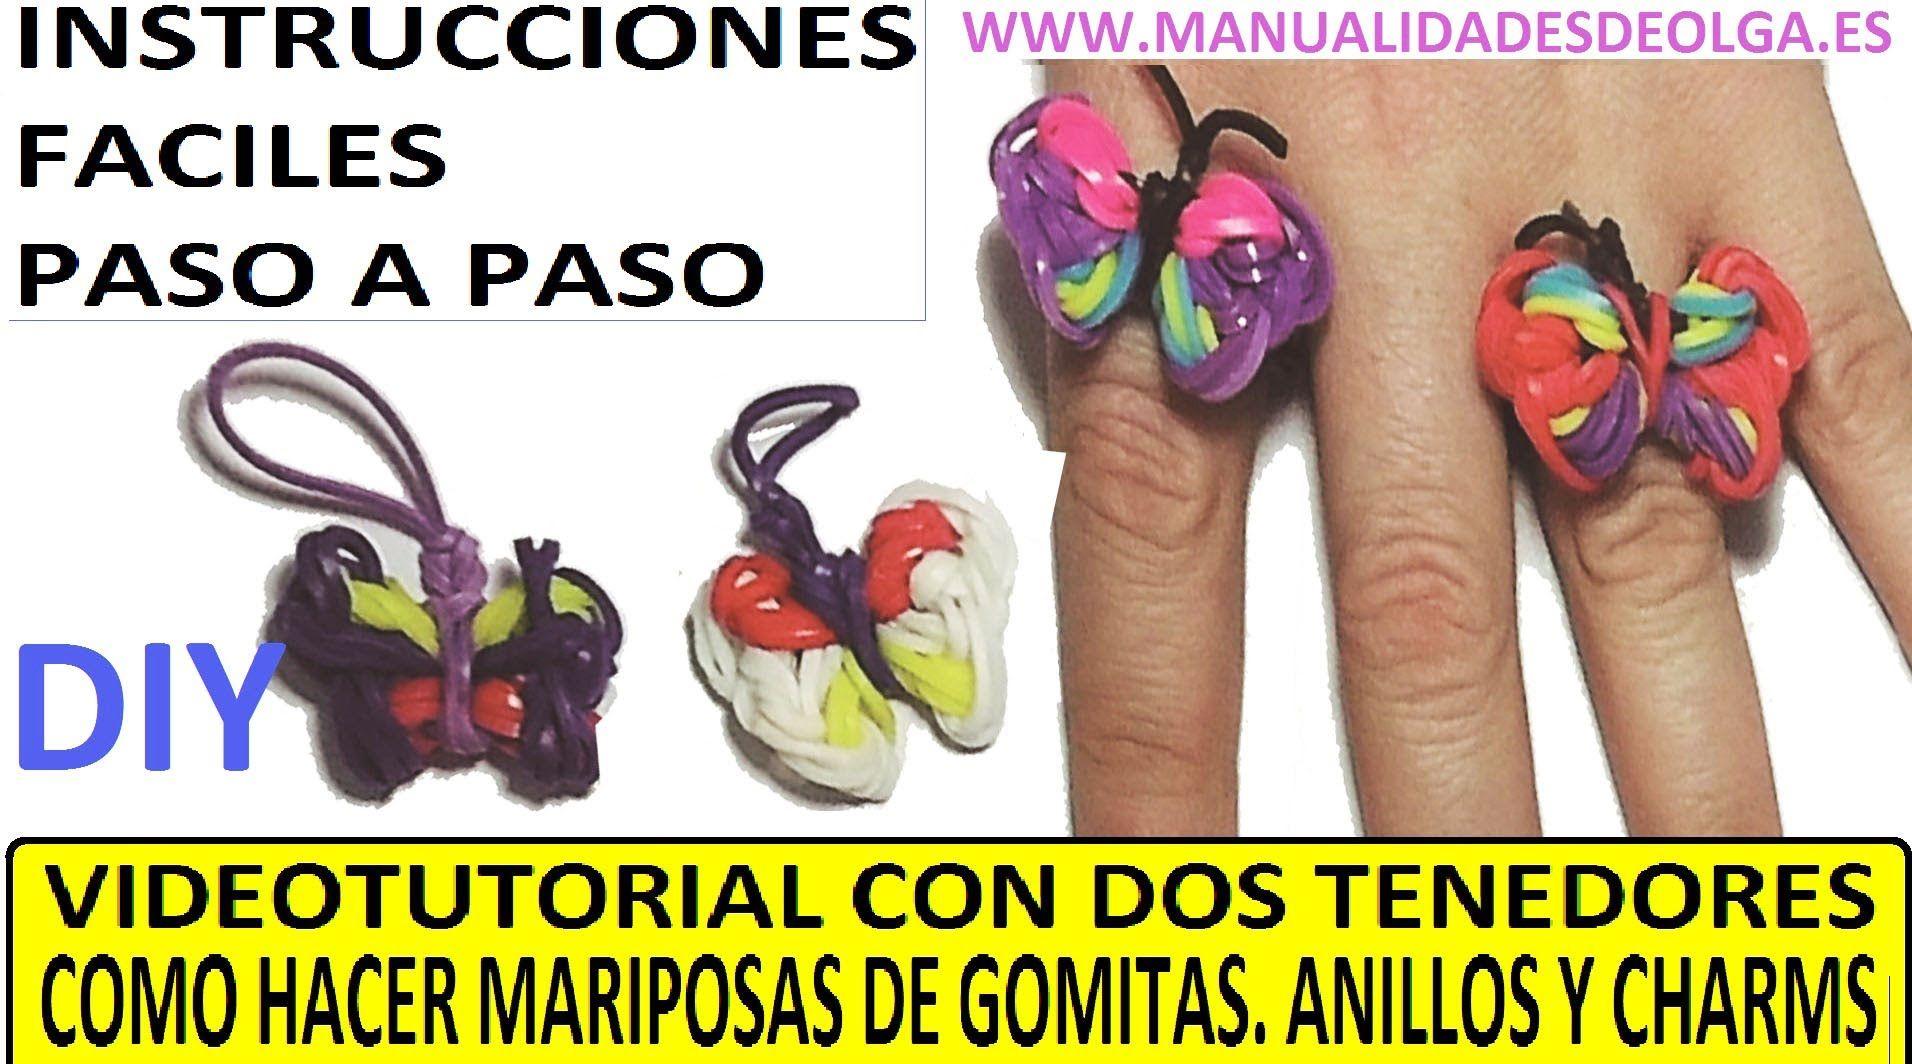 COMO HACER UN ANILLO CON UNA MARIPOSA DE GOMITAS CON DOS TENEDORES. (CHARM). VIDEO TUTORIAL DIY